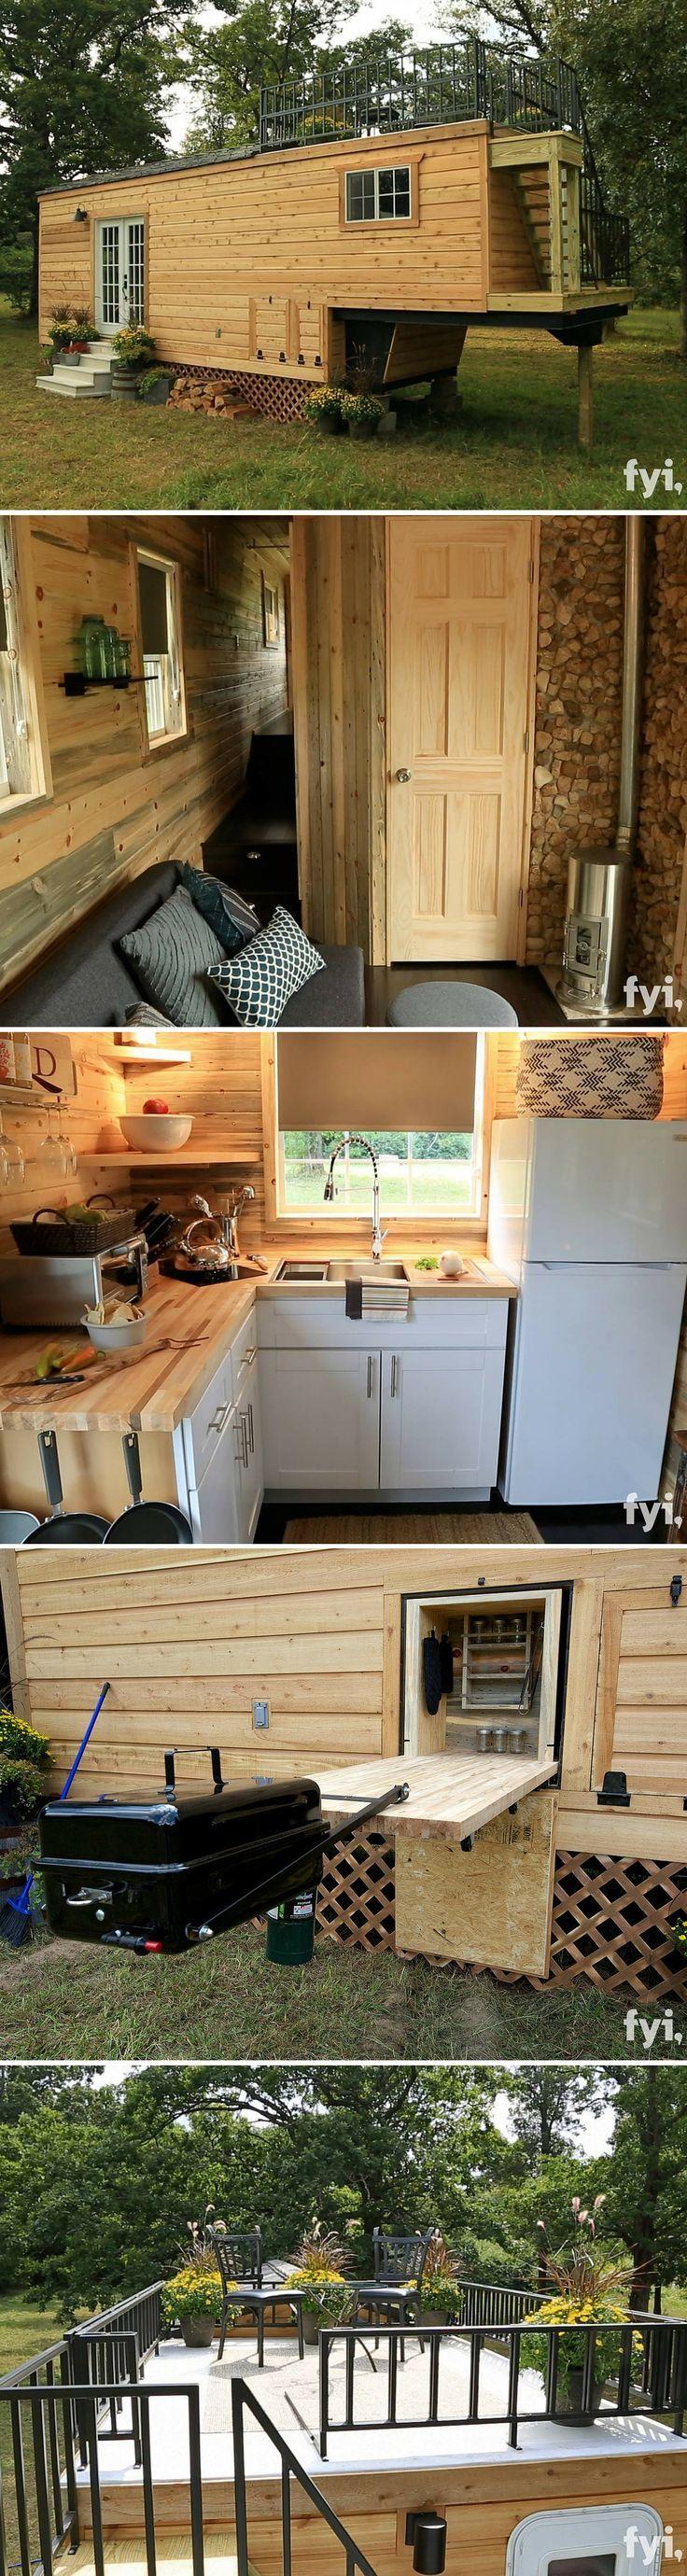 The Honeymoon Suite tiny house